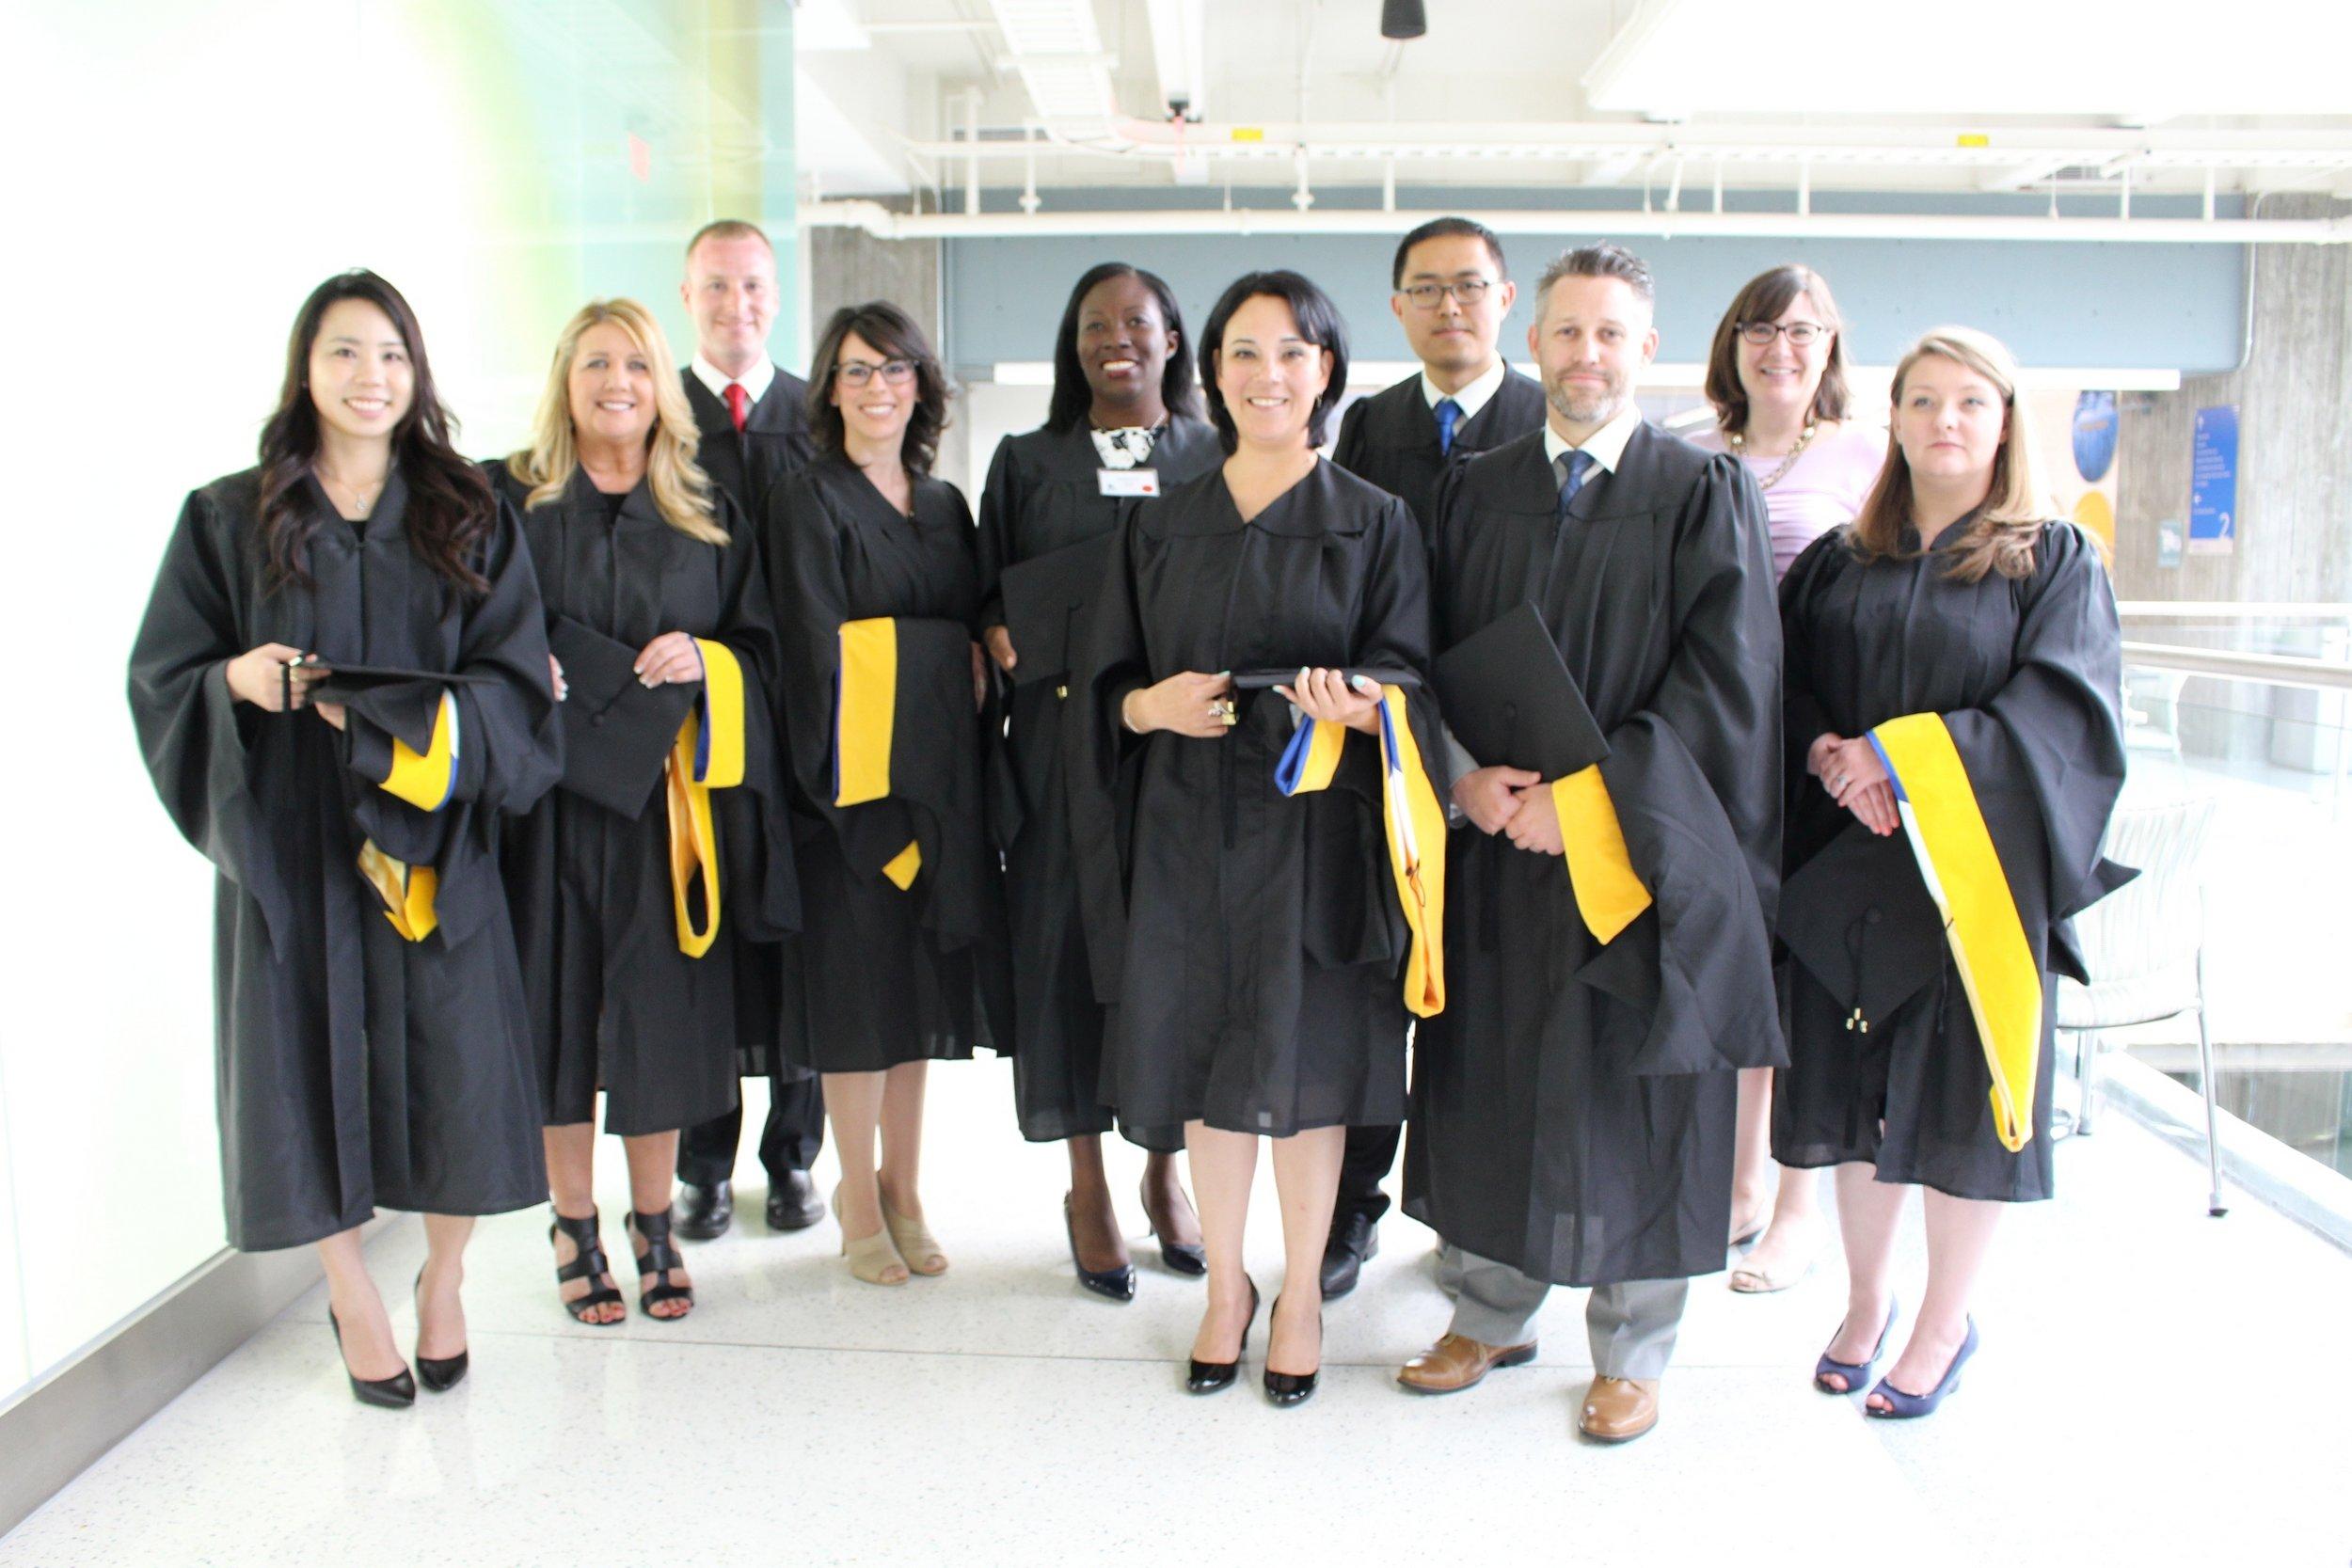 Congratulations, graduates! Class of 2016.